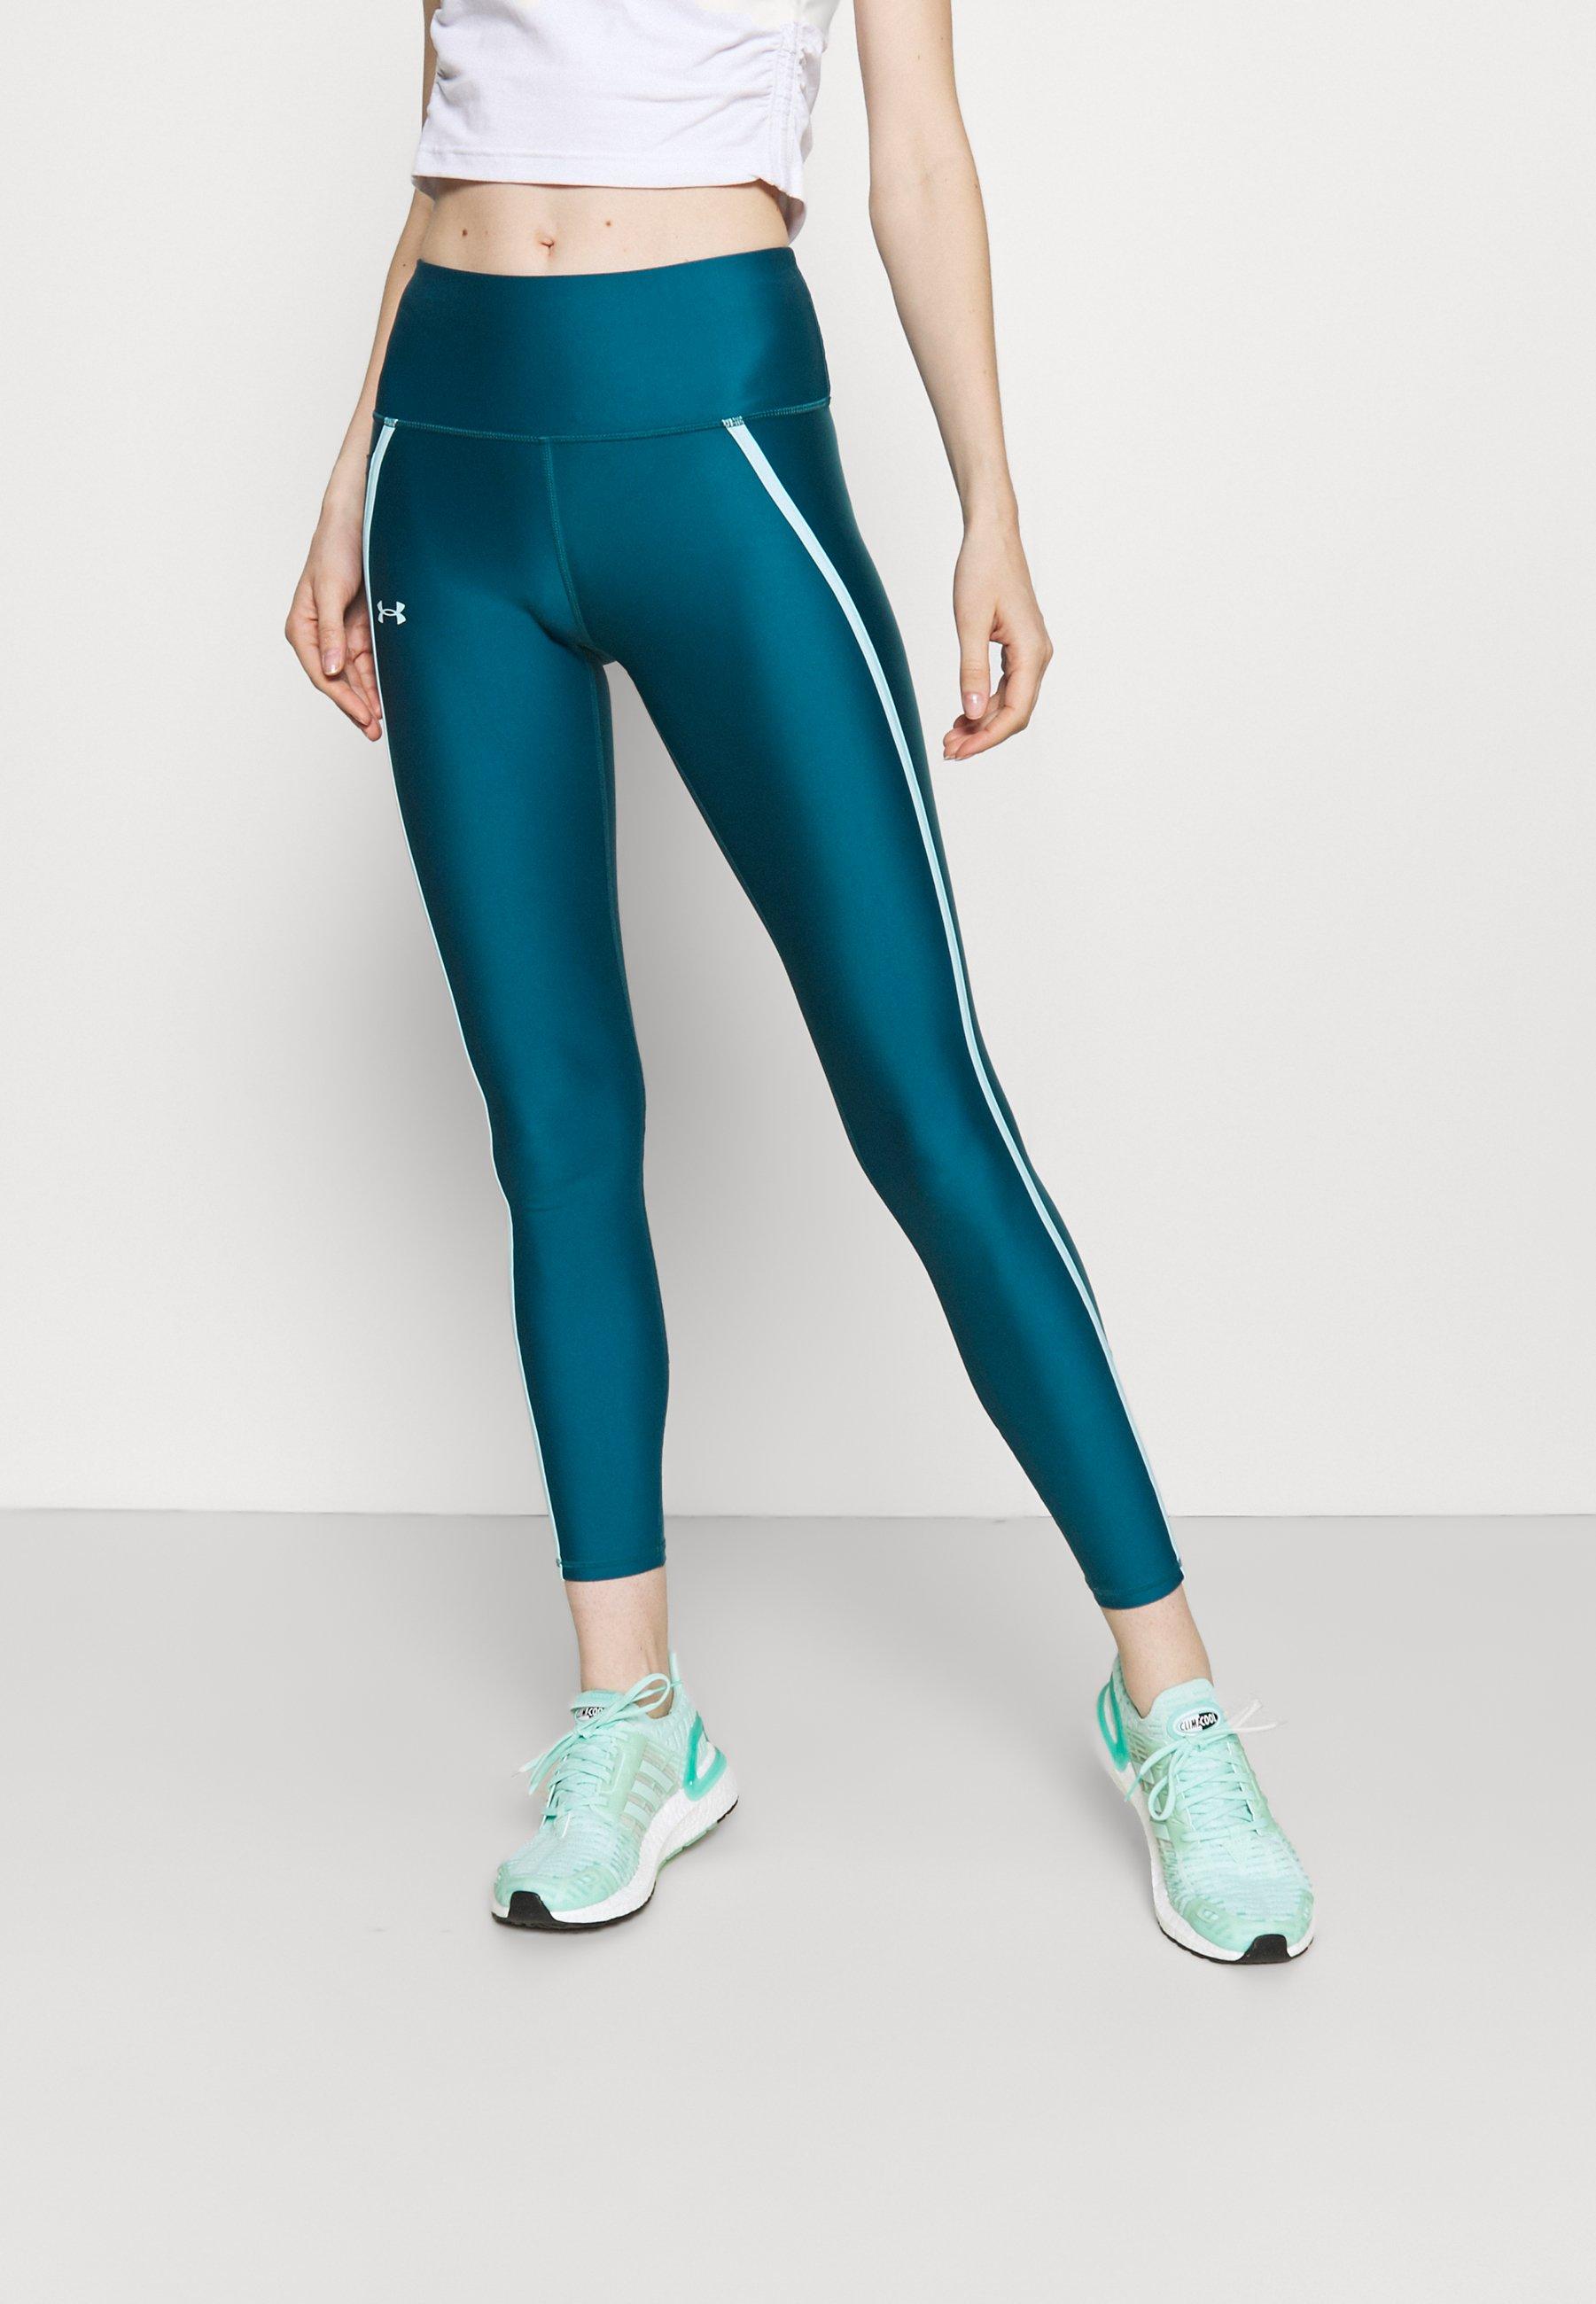 Femme SHINE LEGG  - Collants